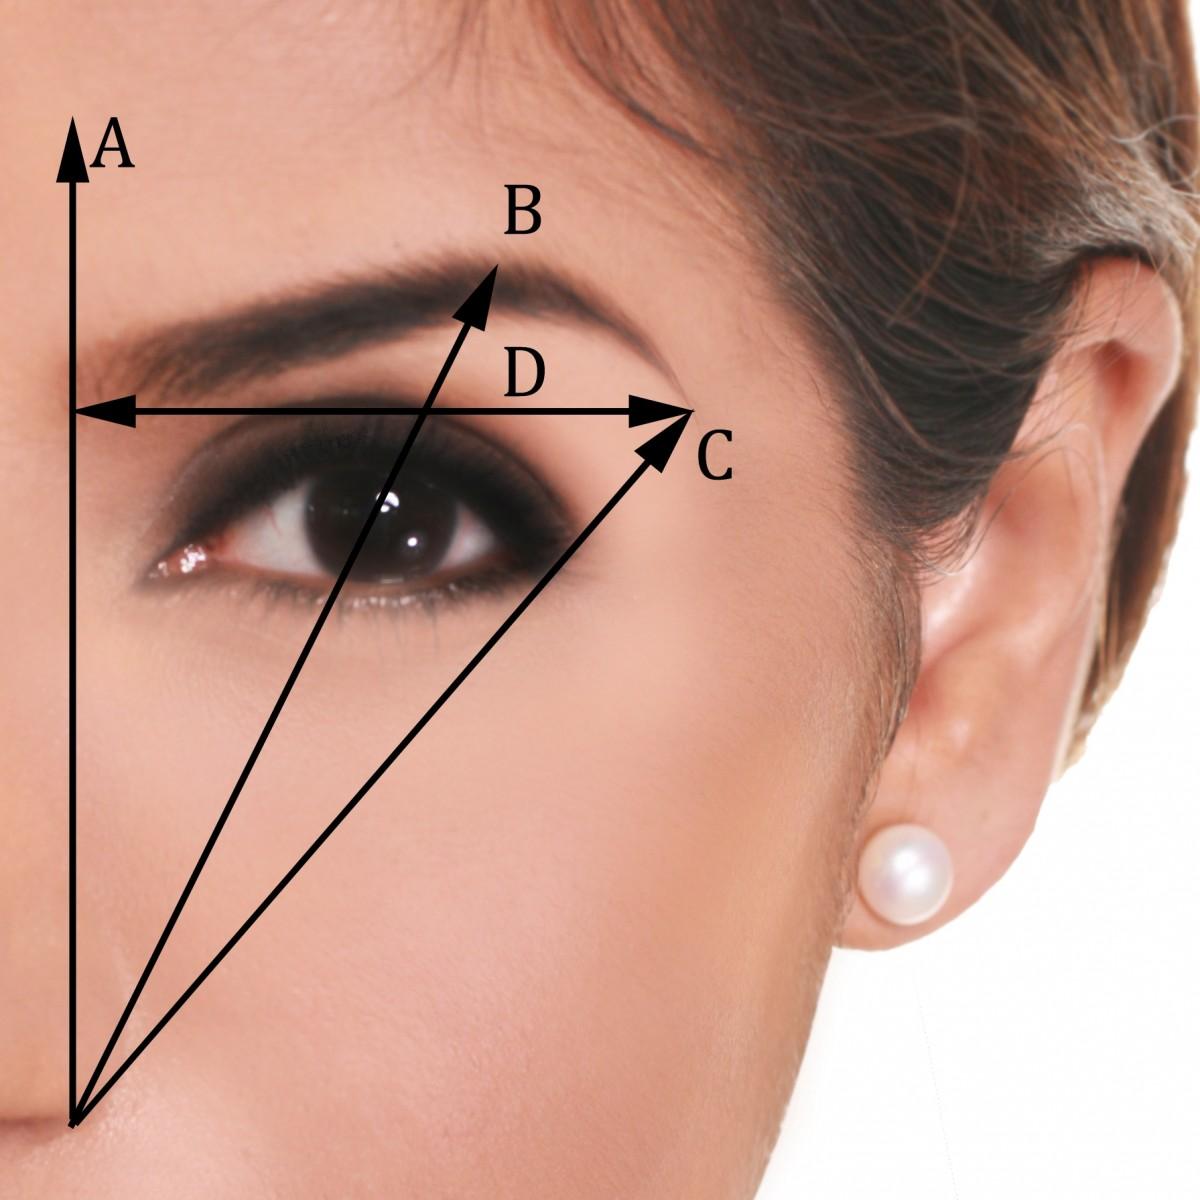 eyebrows-on-fleek-1200x1200